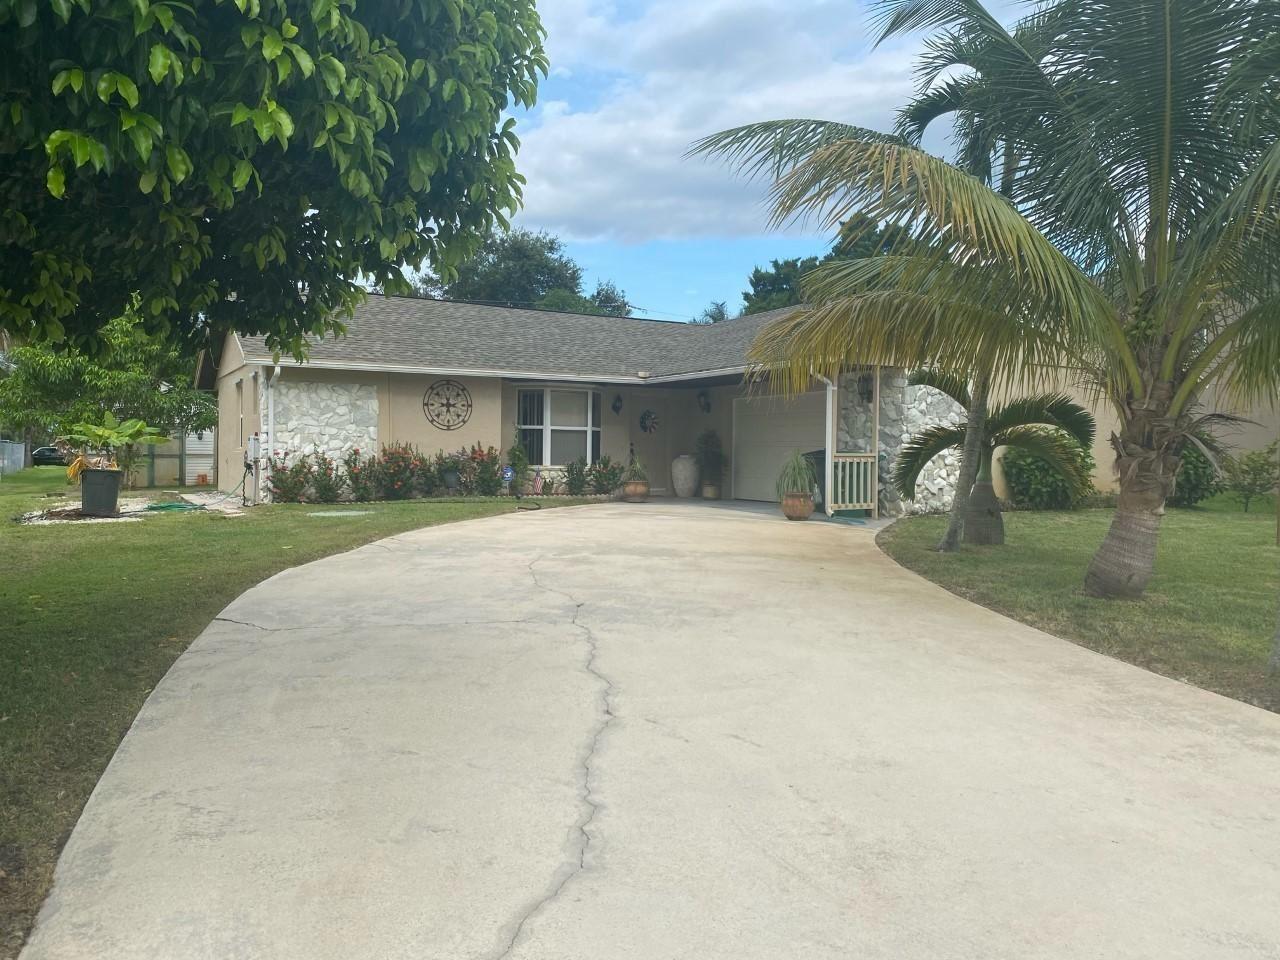 2141 SW Trenton Lane, Port Saint Lucie, FL 34984 - #: RX-10654636